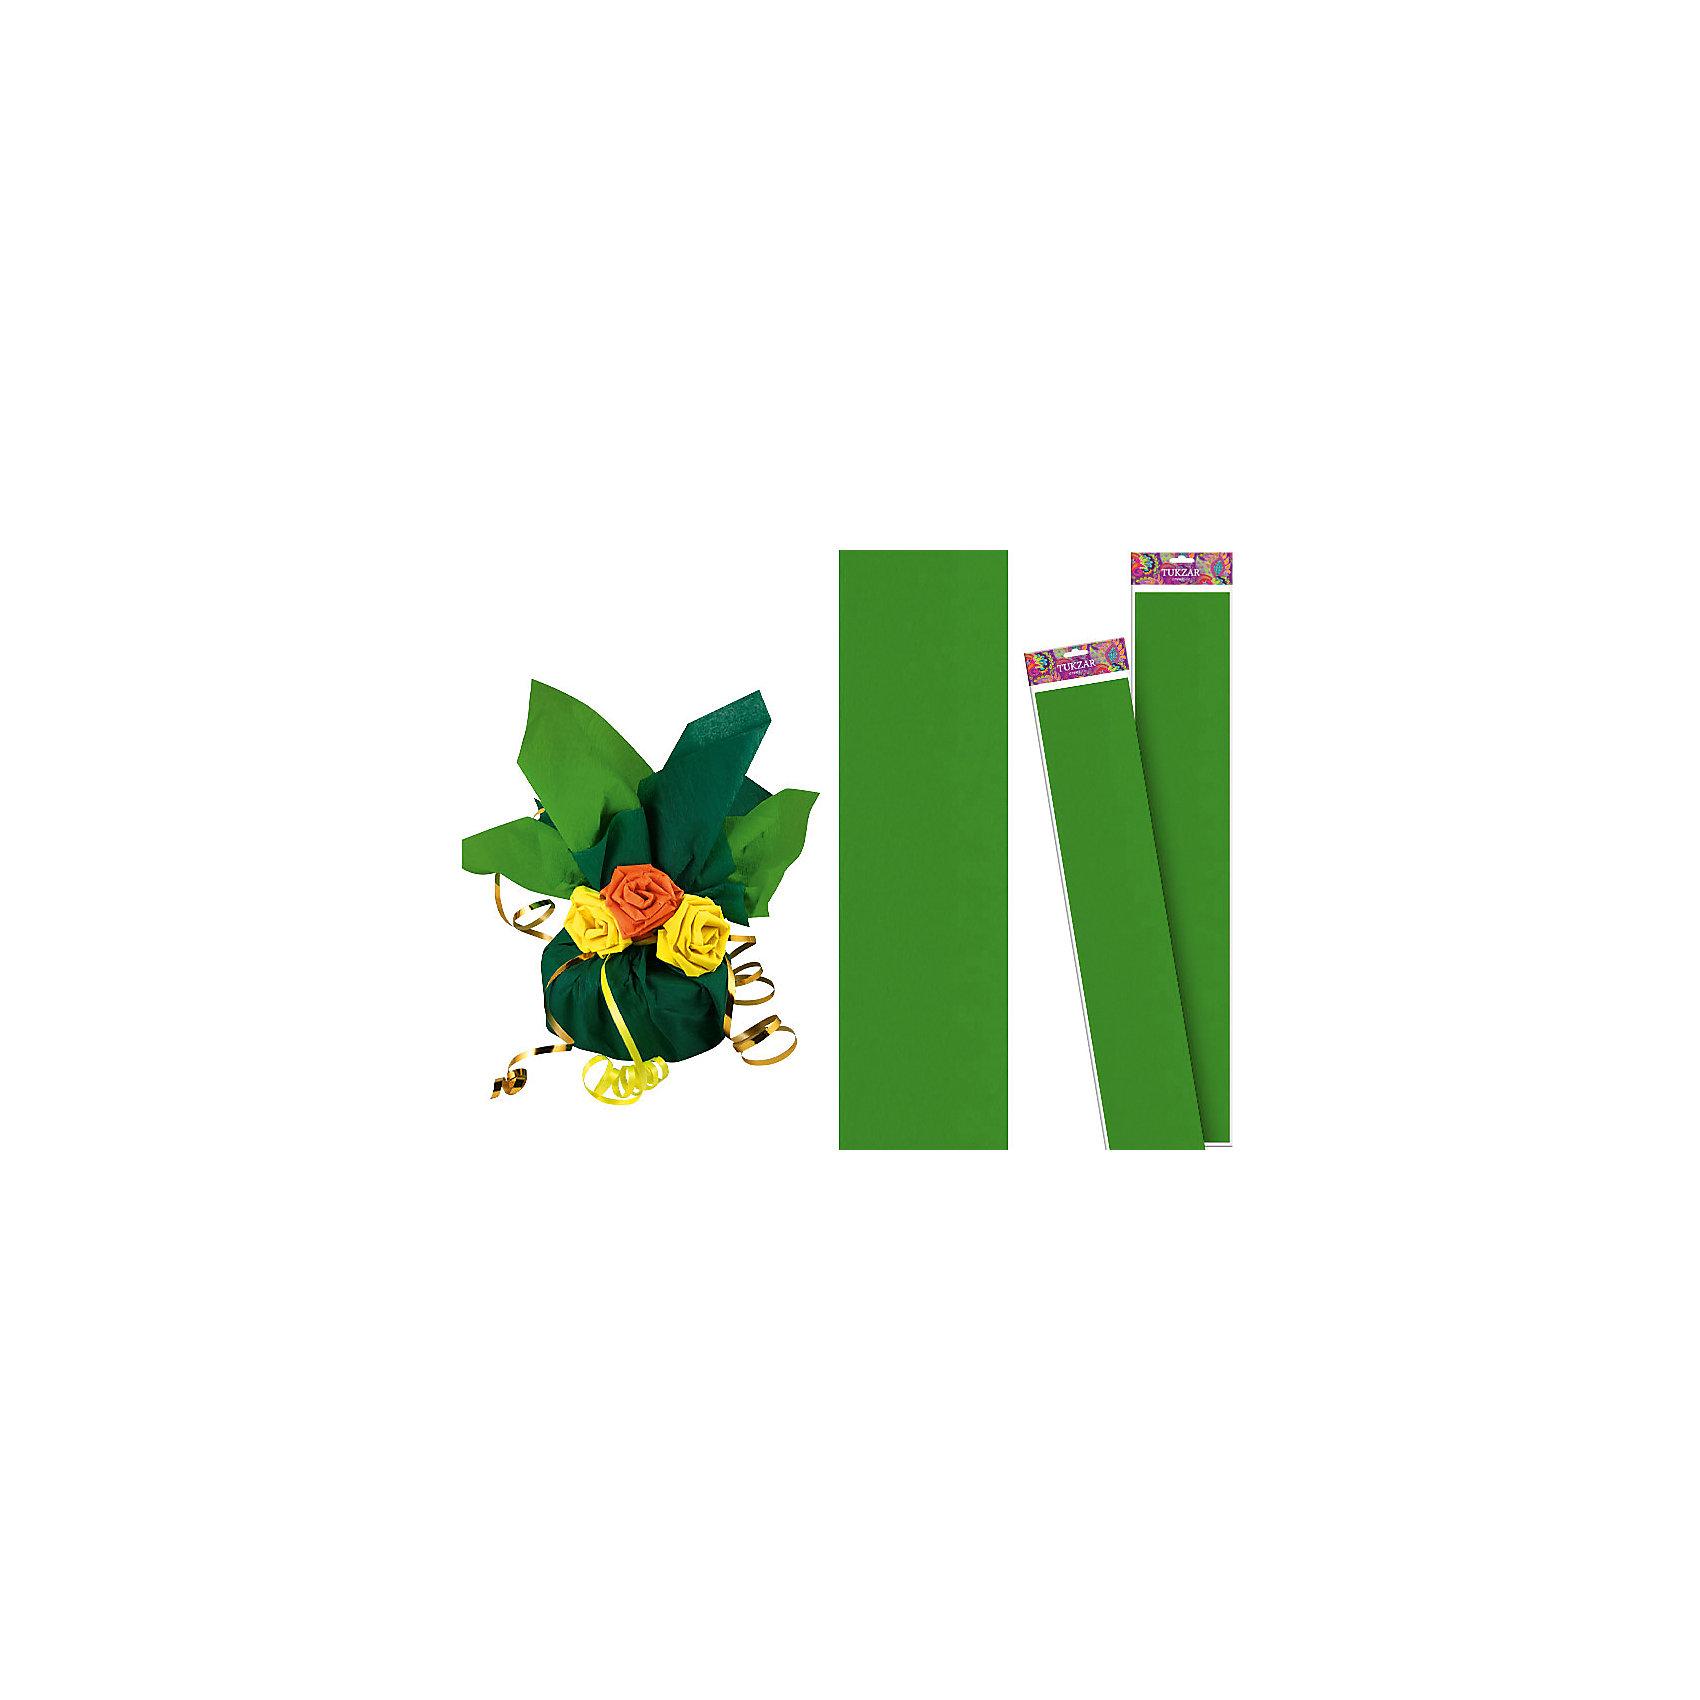 Светло-зеленая крепированная бумага 50*250 смКрепированная бумага - идеальный вариант для воплощения любых творческих идей: начиная от поделок и заканчивая упаковкой подарков. <br><br>Дополнительная информация:<br><br>- Размер: 50х250 см.<br>- Цвет: светло-зеленый.<br>- Плотность: 32 г/м2.<br><br>Светло-зеленую крепированную бумагу 50х250 см можно купить в нашем магазине.<br><br>Ширина мм: 500<br>Глубина мм: 100<br>Высота мм: 100<br>Вес г: 35<br>Возраст от месяцев: 36<br>Возраст до месяцев: 2147483647<br>Пол: Унисекс<br>Возраст: Детский<br>SKU: 4558381